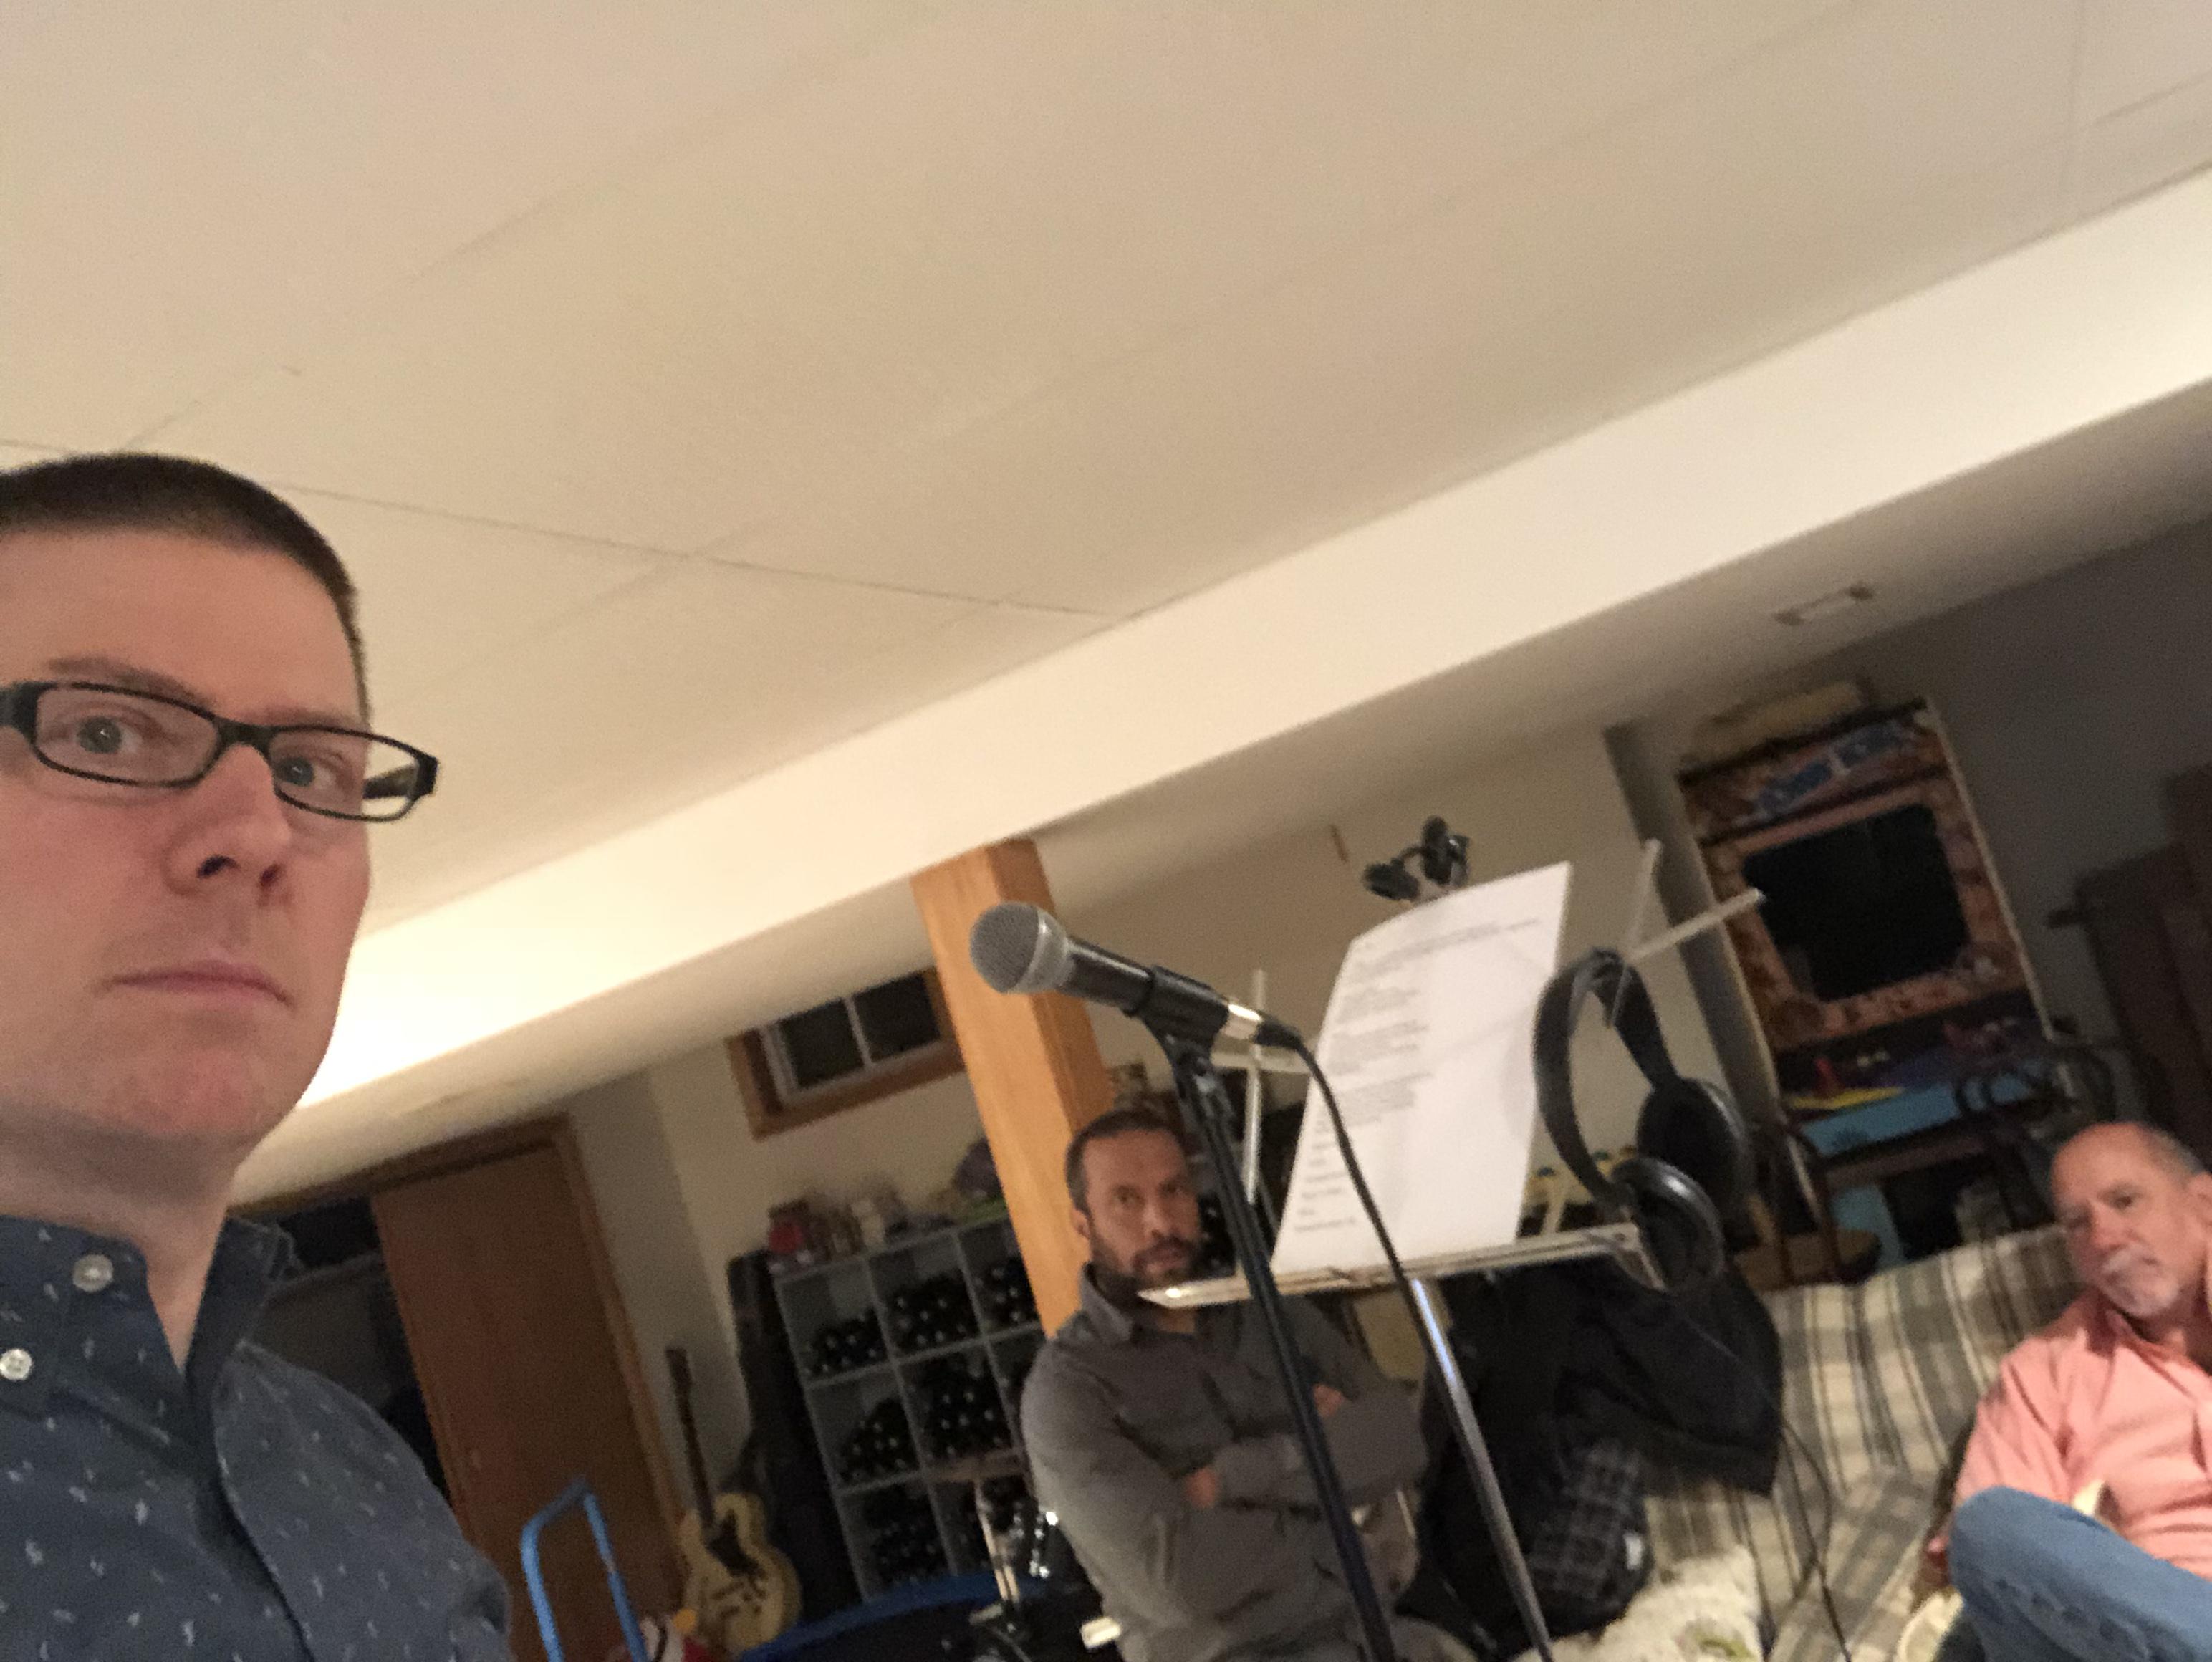 BP_recording_2018-03-30 22.57.17